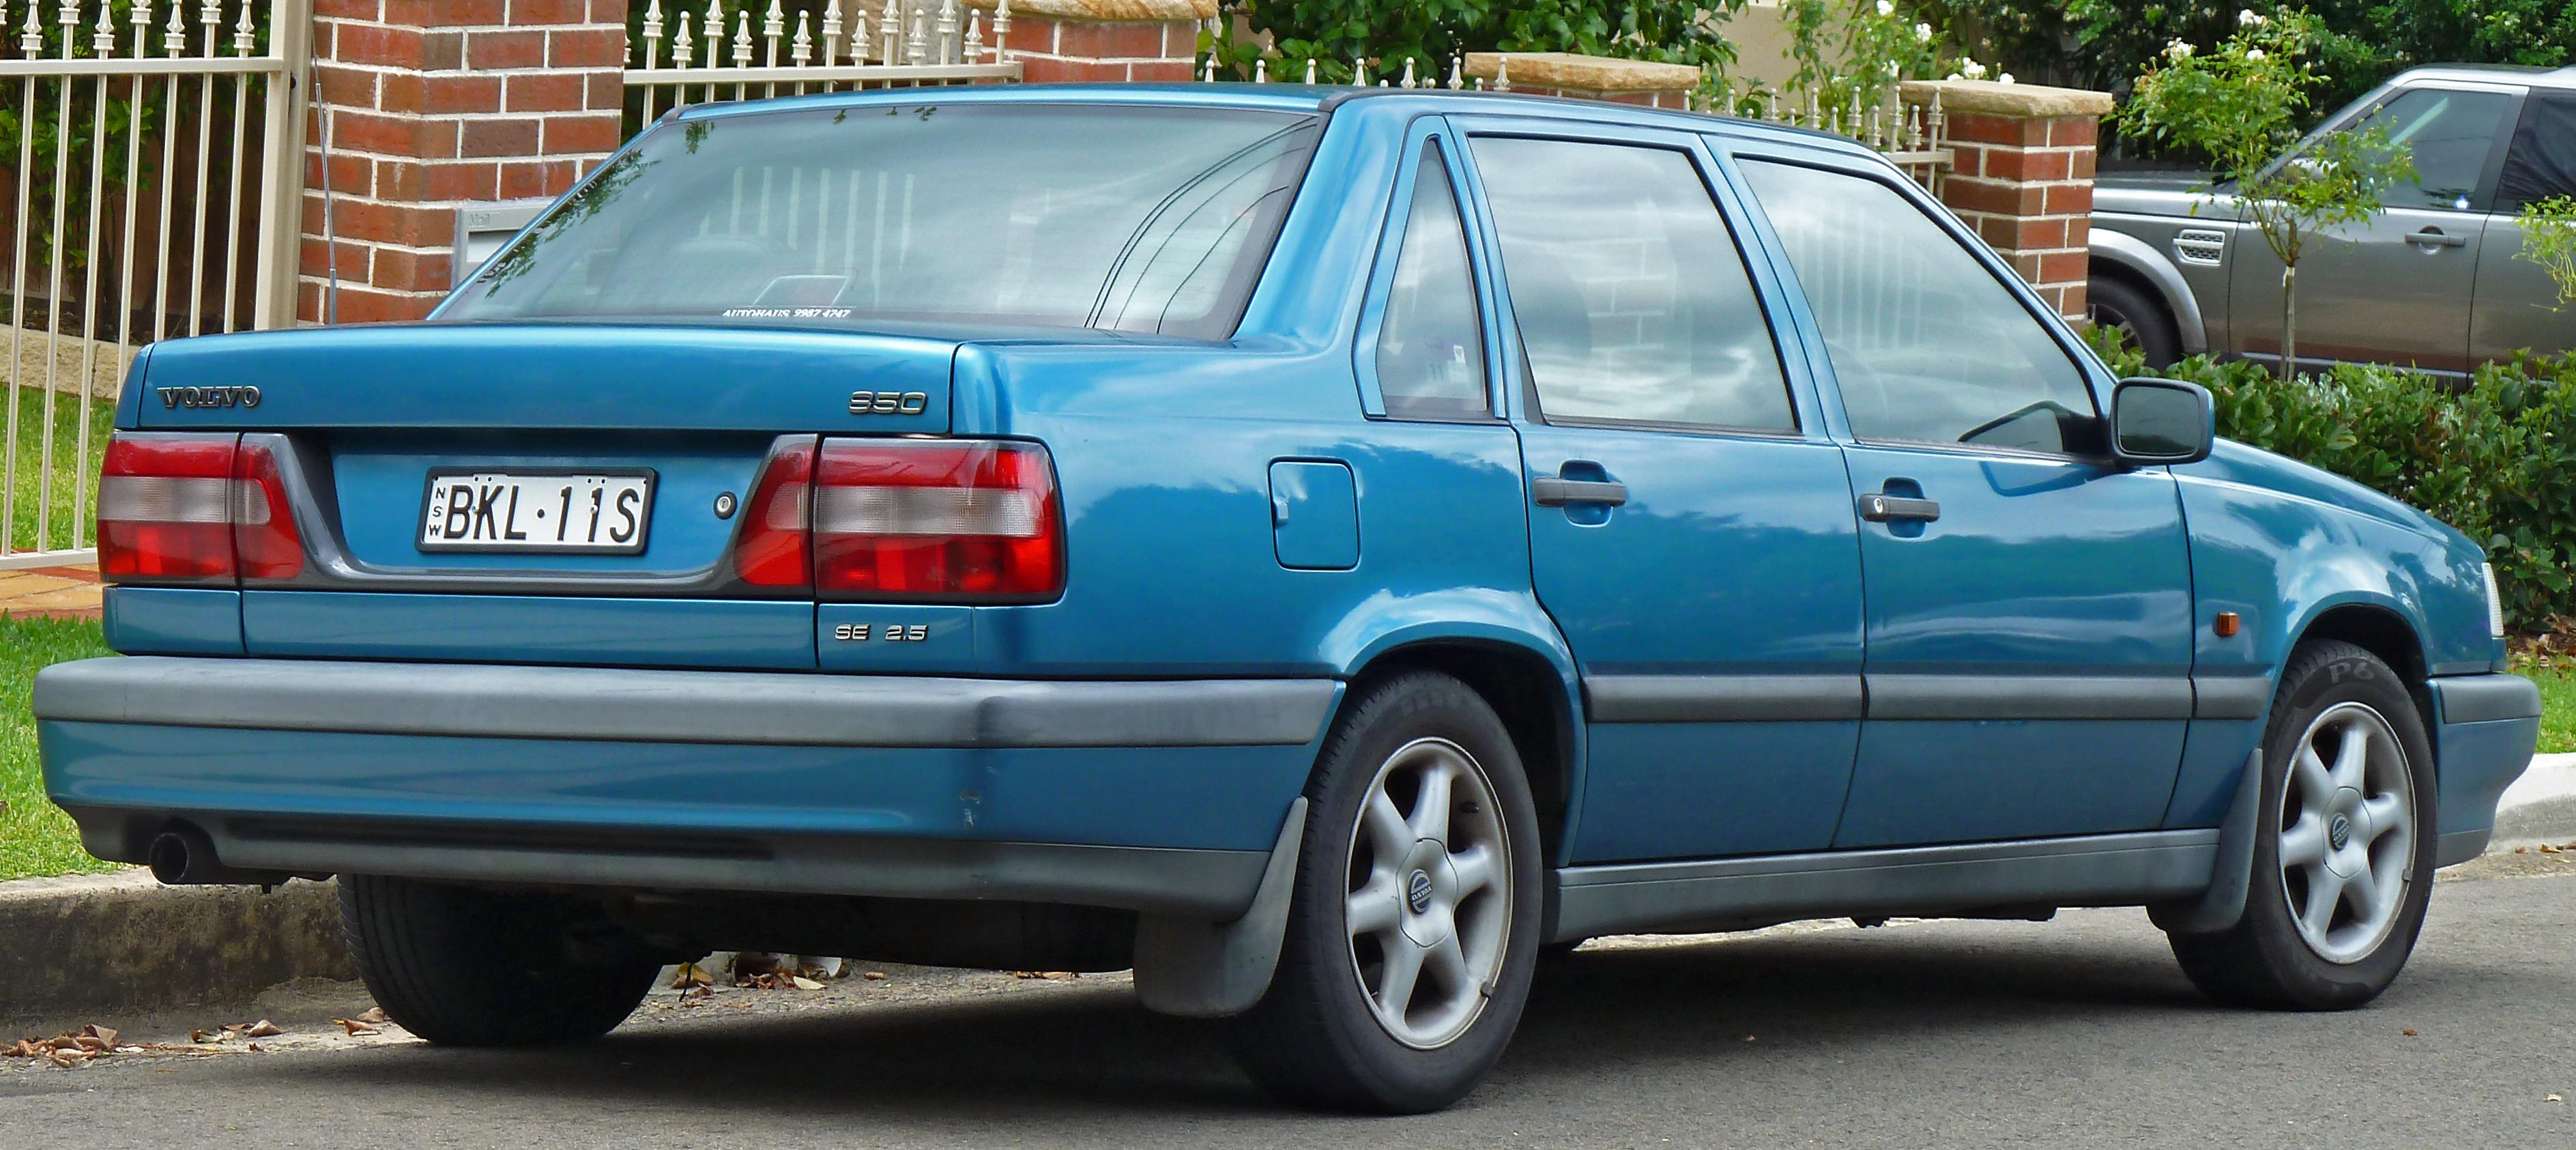 File:1994-1997 Volvo 850 SE 2.5 sedan (2011-04-02).jpg - Wikimedia